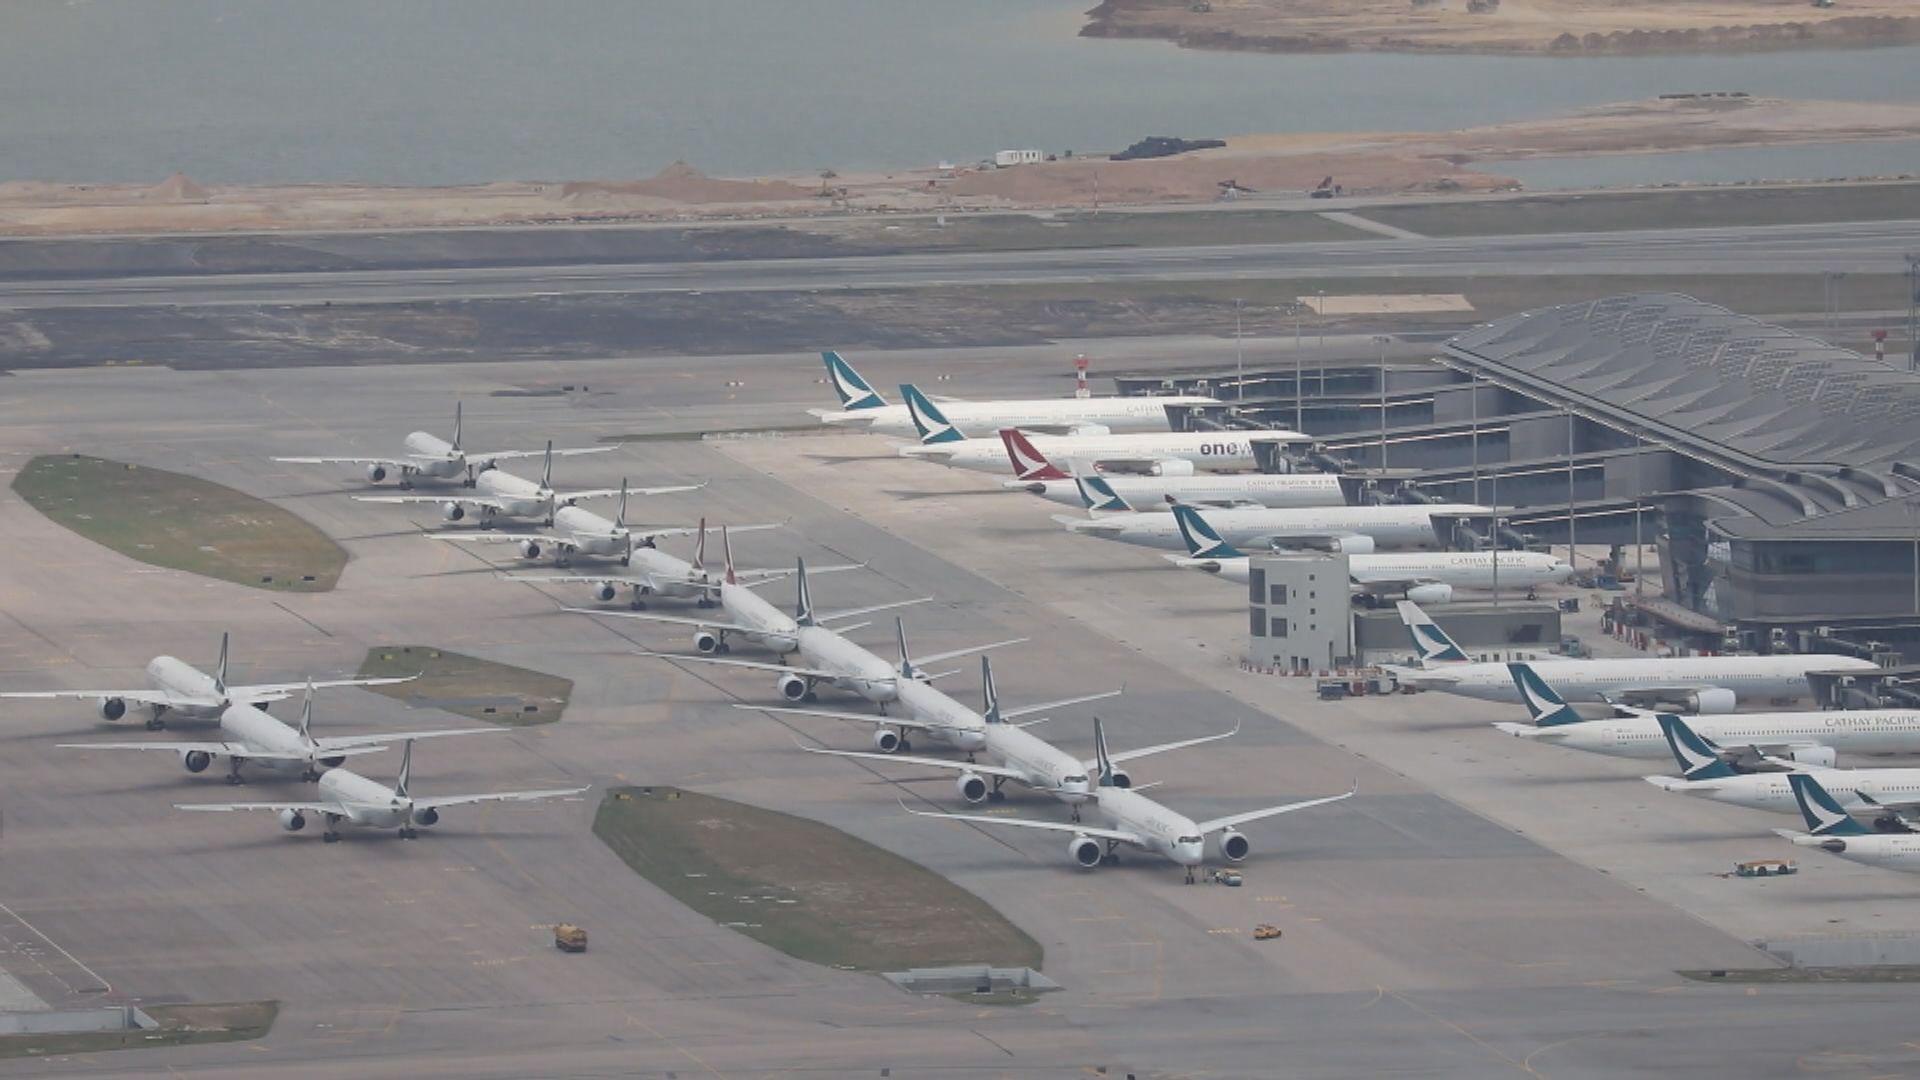 報道指卡塔爾航空願向國泰航空注資